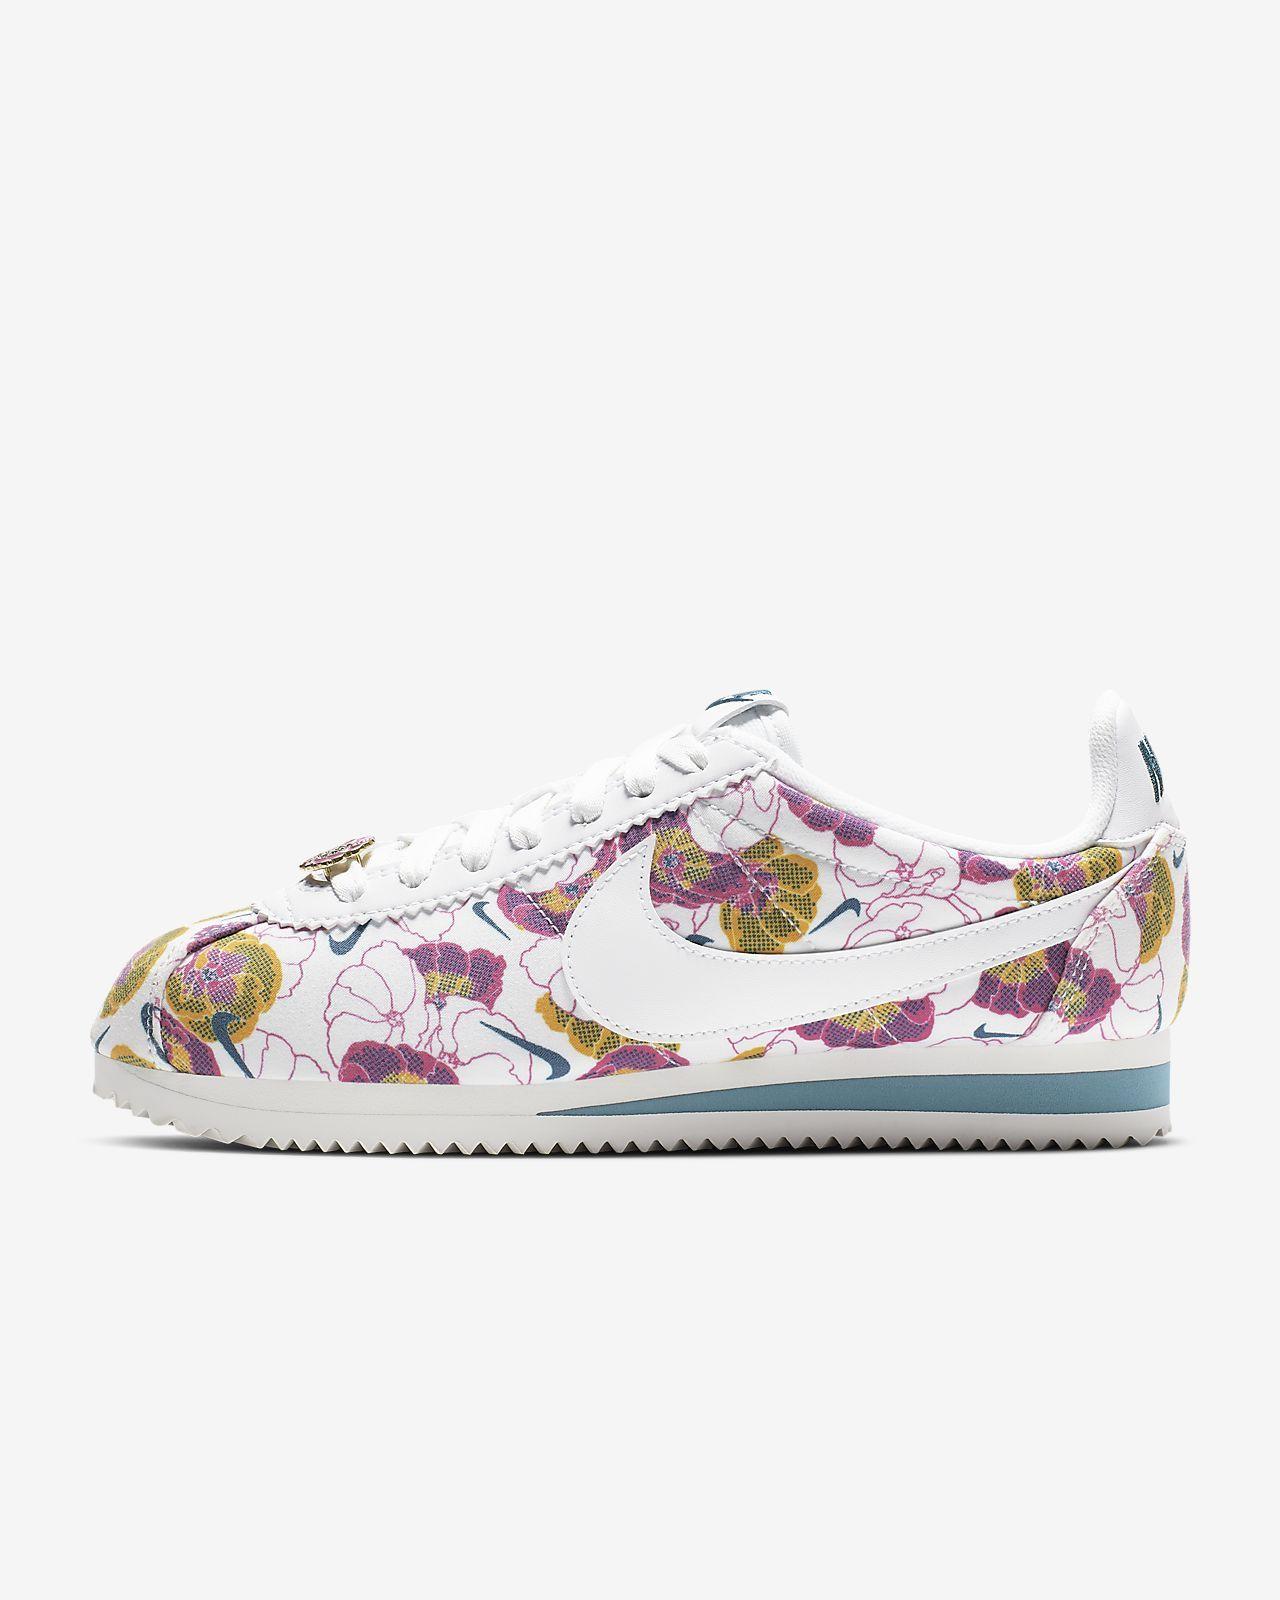 Nike Classic Cortez LX Floral Pinterest